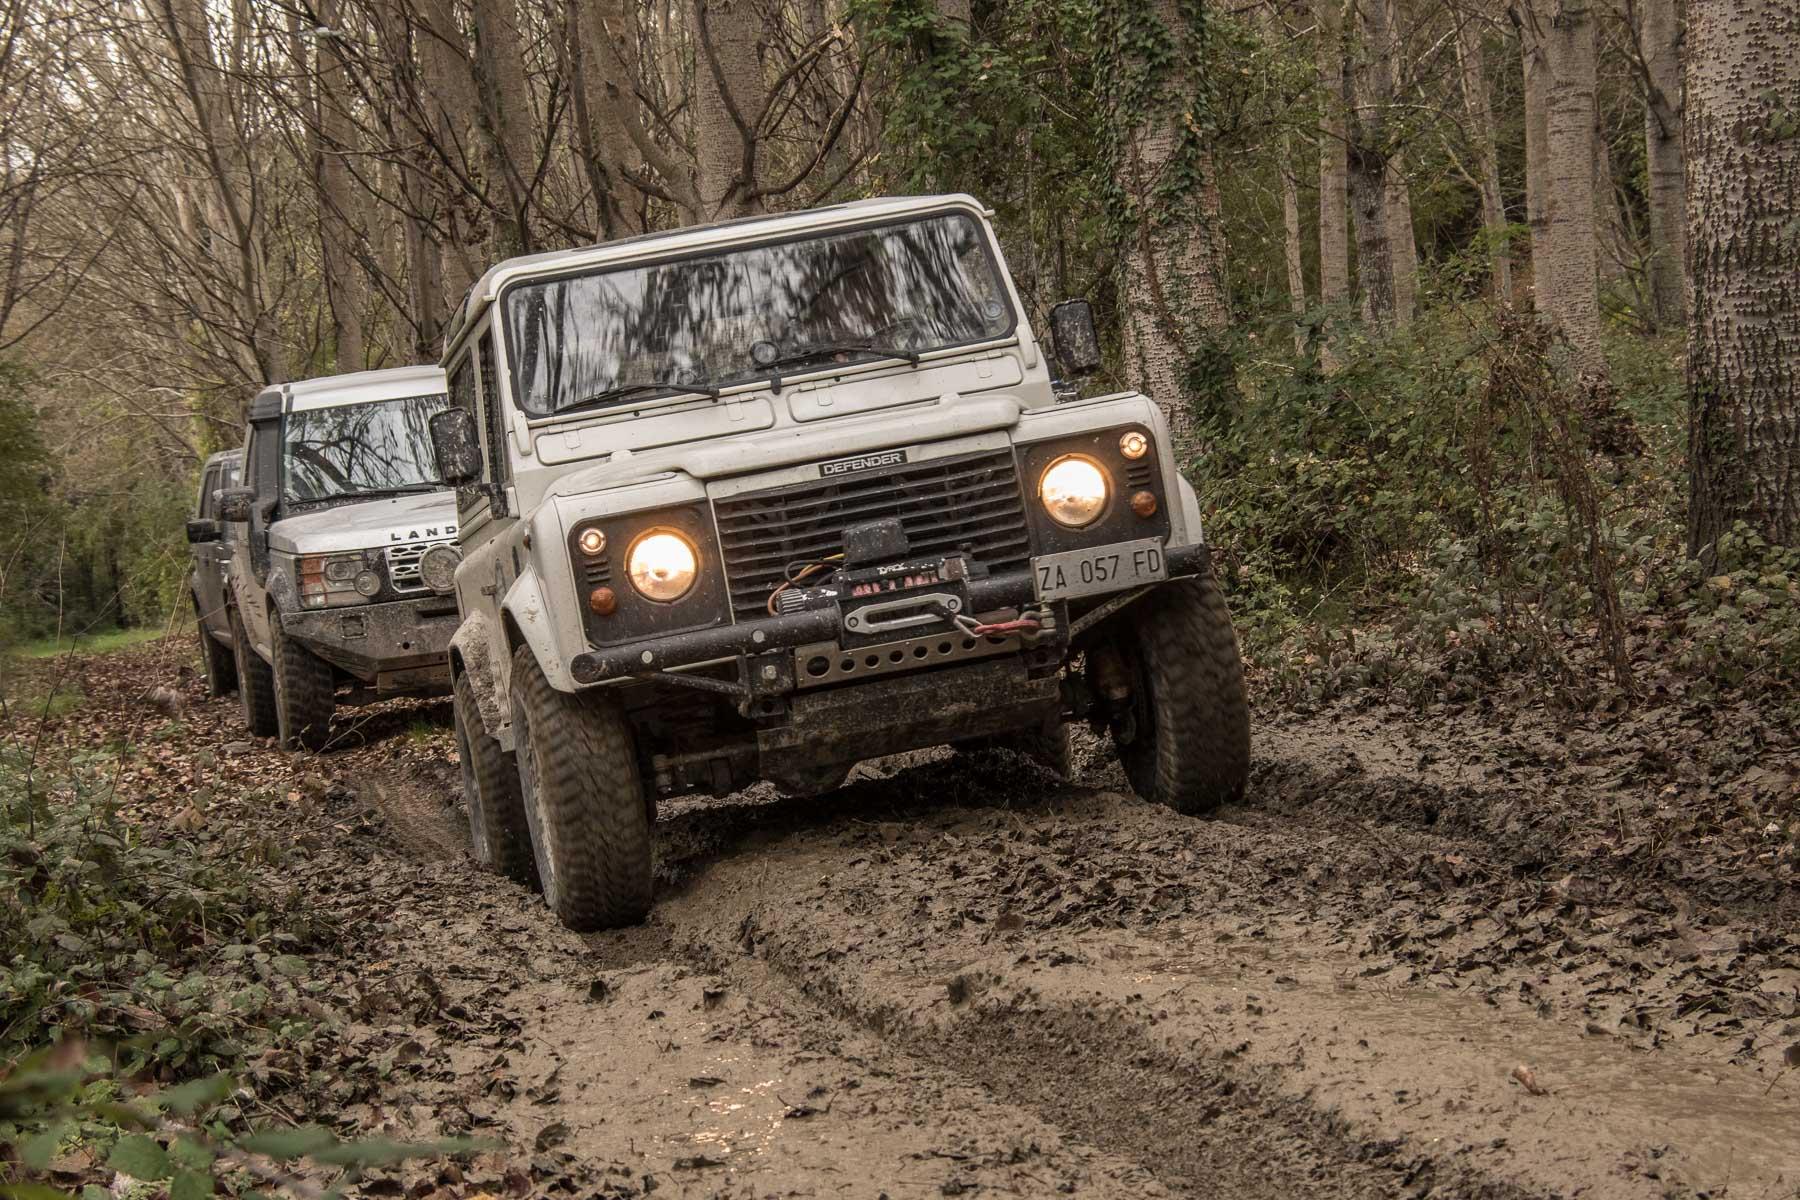 Land-Rover-Experience-Italia-Registro-Italiano-Land-Rover-Tirreno-Adriatica-2020-199